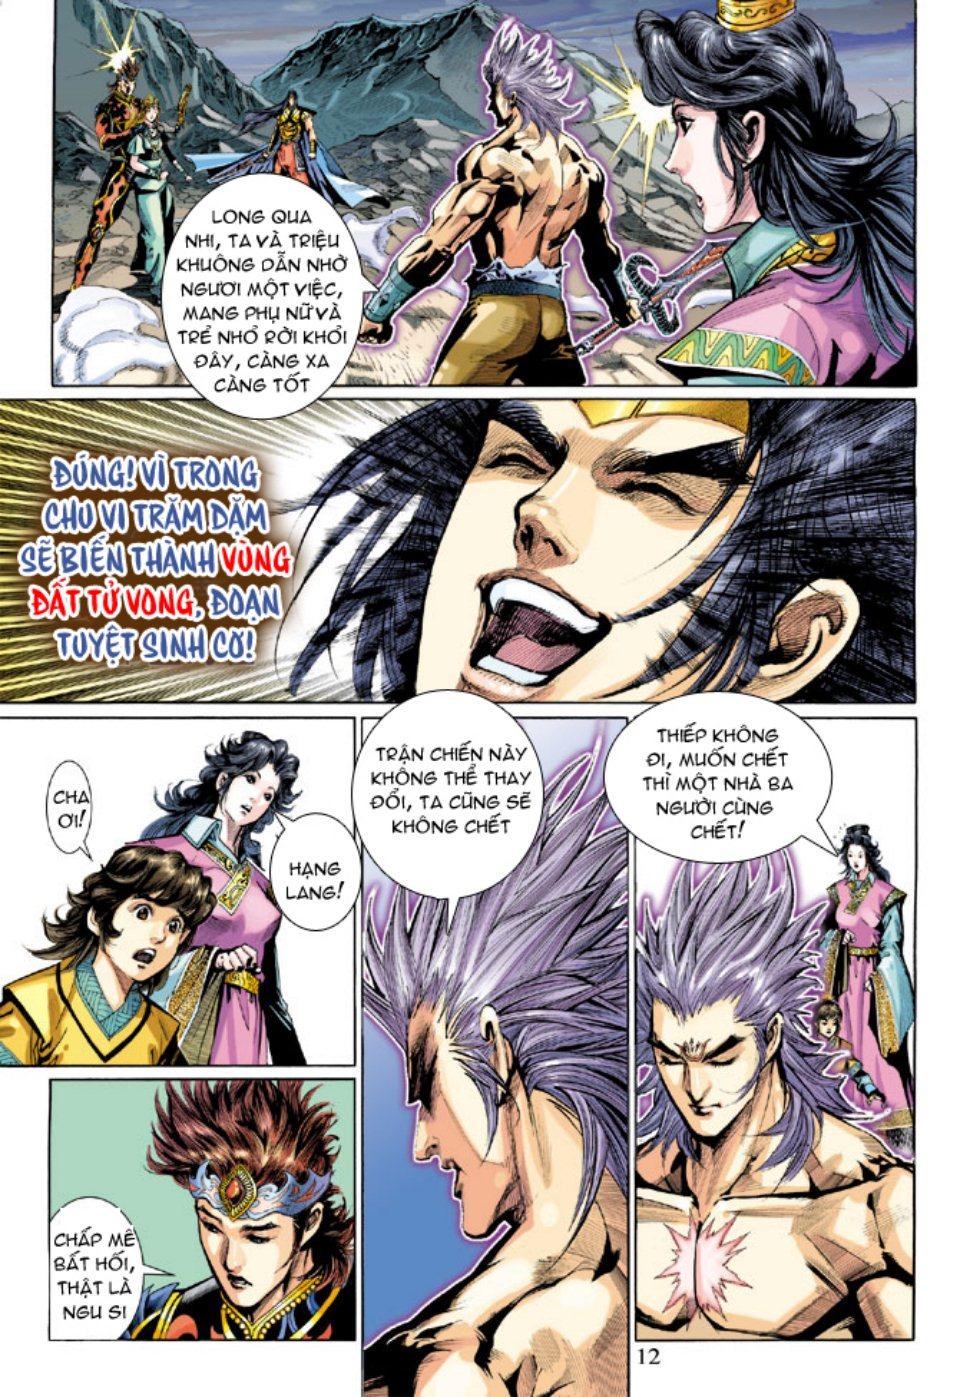 Thiên Tử Truyền Kỳ 5 - Như Lai Thần Chưởng chap 212 - Trang 12